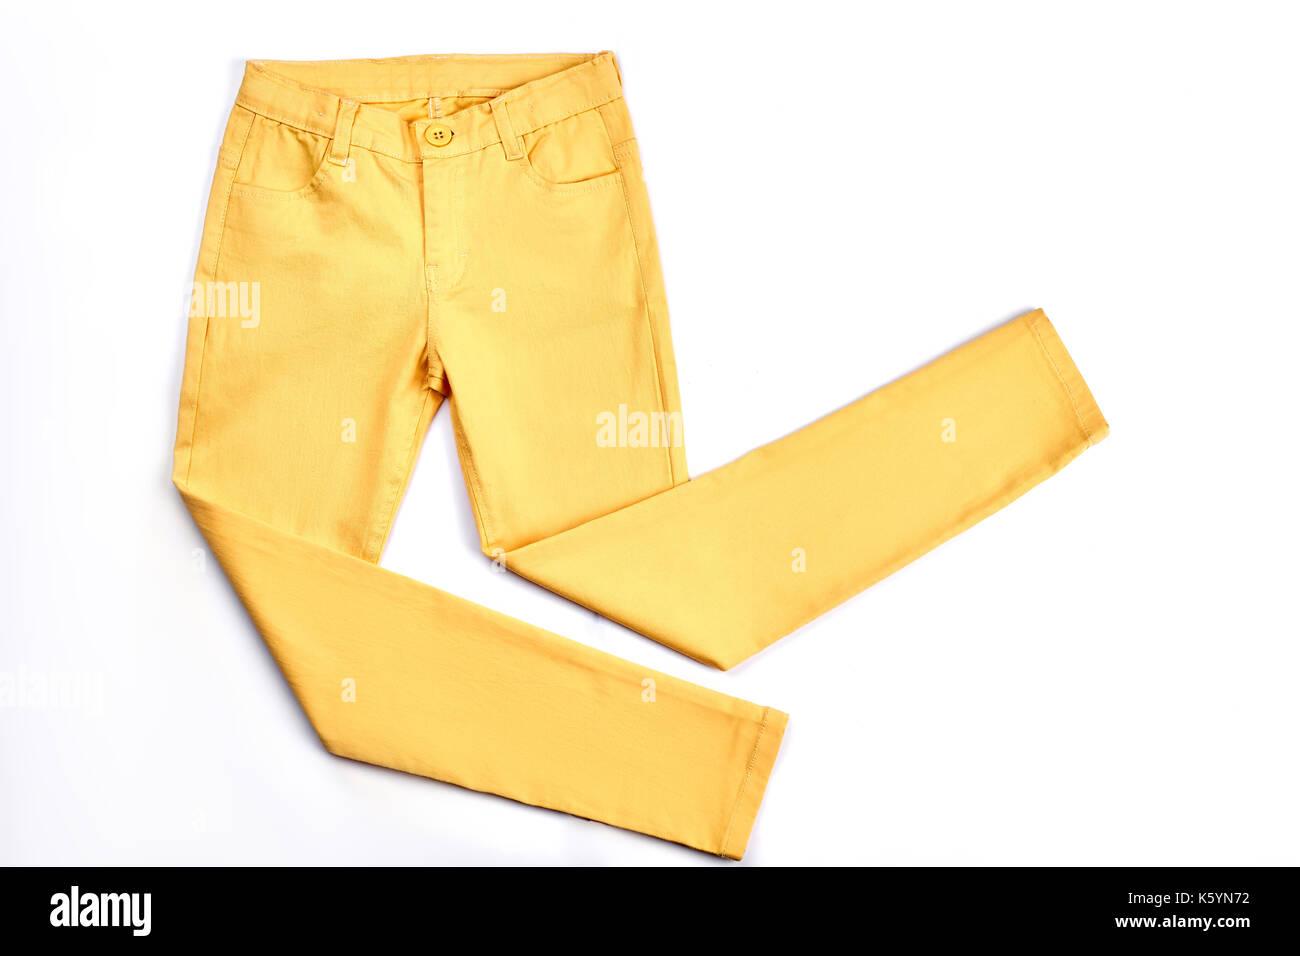 2ed10fa3f8f97d Le ragazze belle giallo skinny pantaloni. tasche moderni pantaloni gialli  per ragazzi isolati su sfondo bianco. la gioventù estate moda abbigliamento.